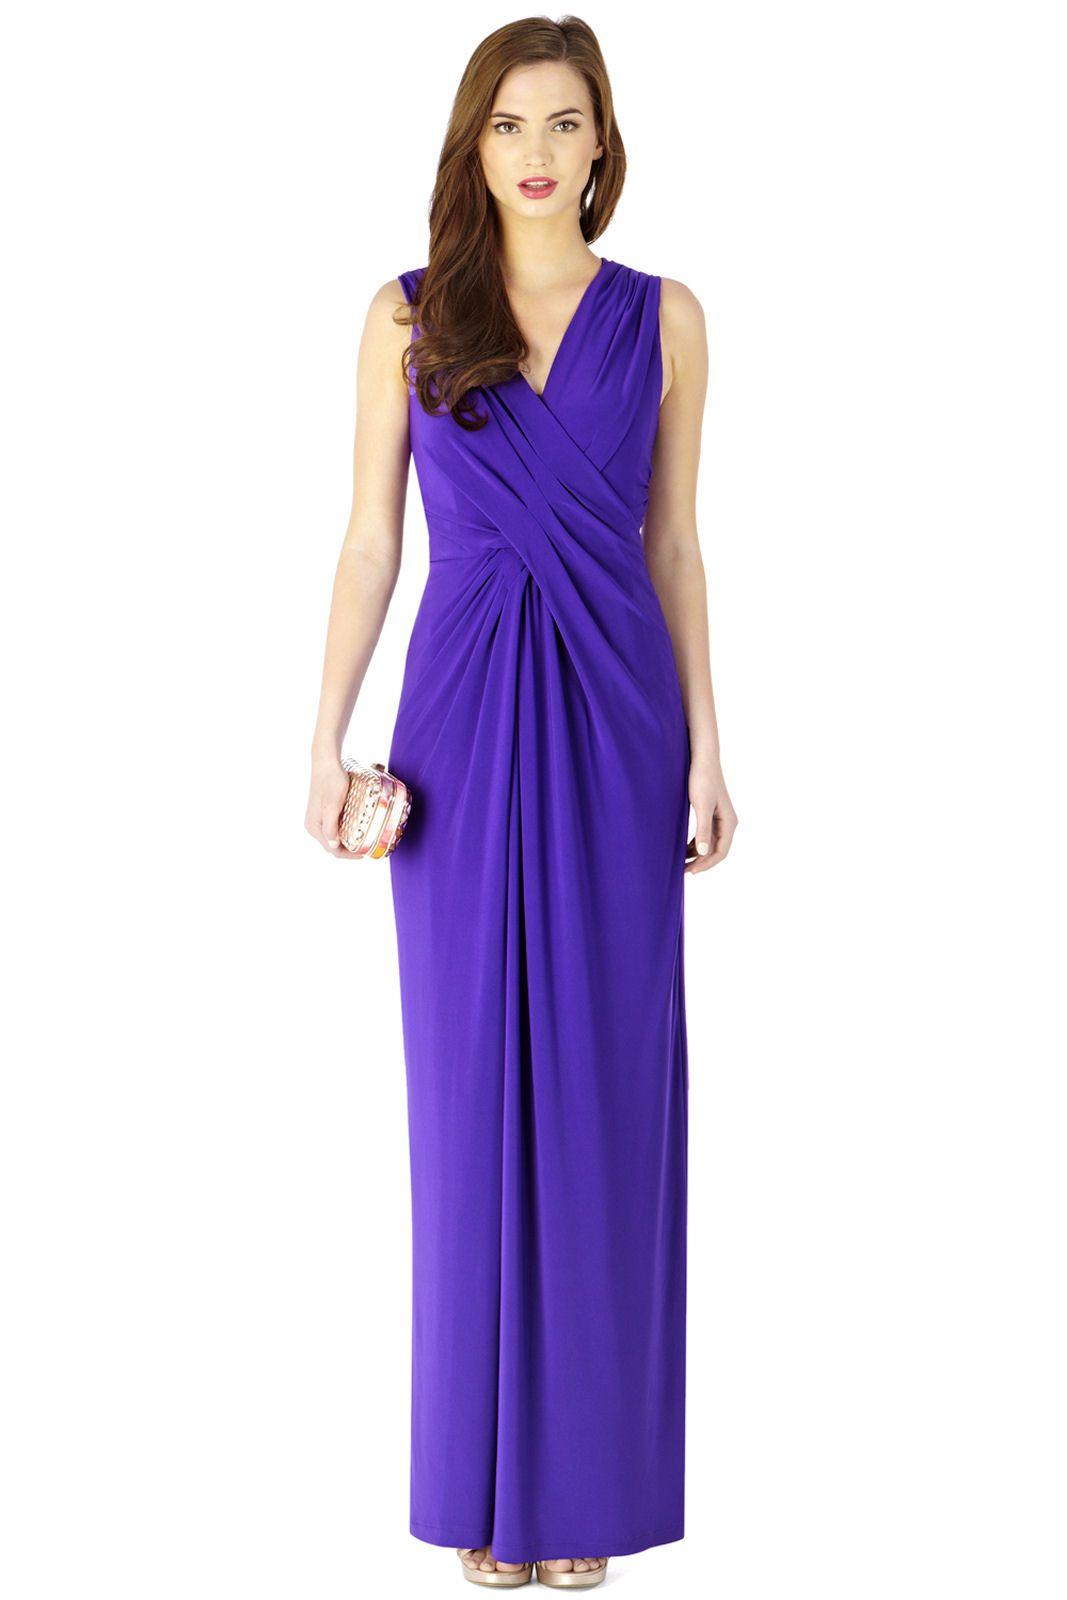 elegant purple maxi dresses | Style | Pinterest | Maxi dresses ...